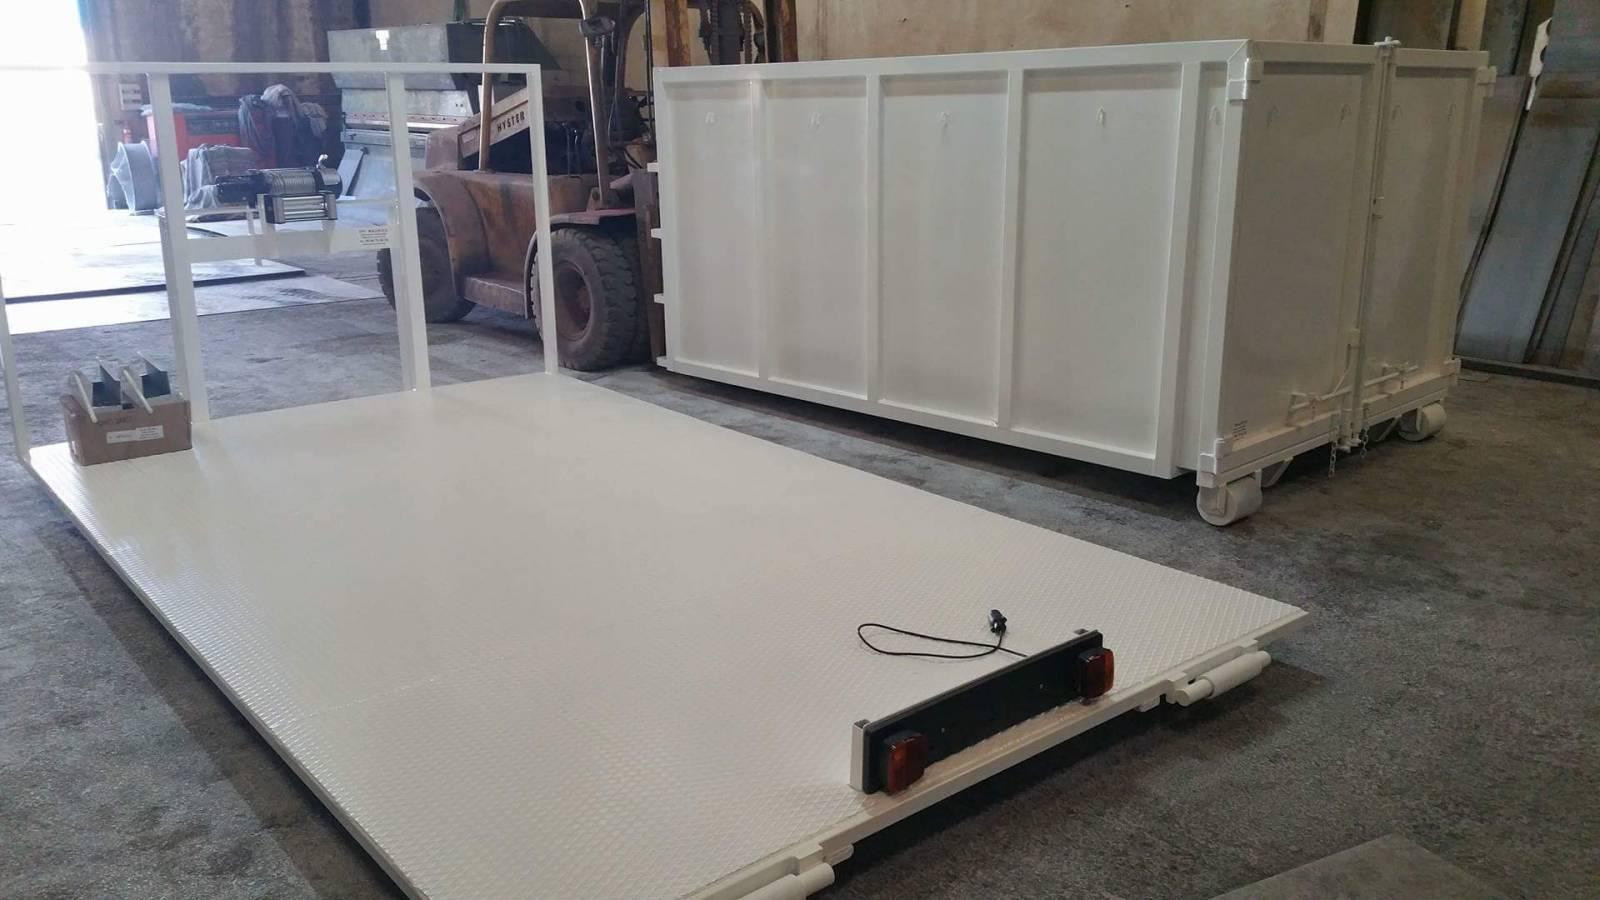 plateau ampliroll l ger pour transport fabrication de bennes amovibles sur mesure. Black Bedroom Furniture Sets. Home Design Ideas